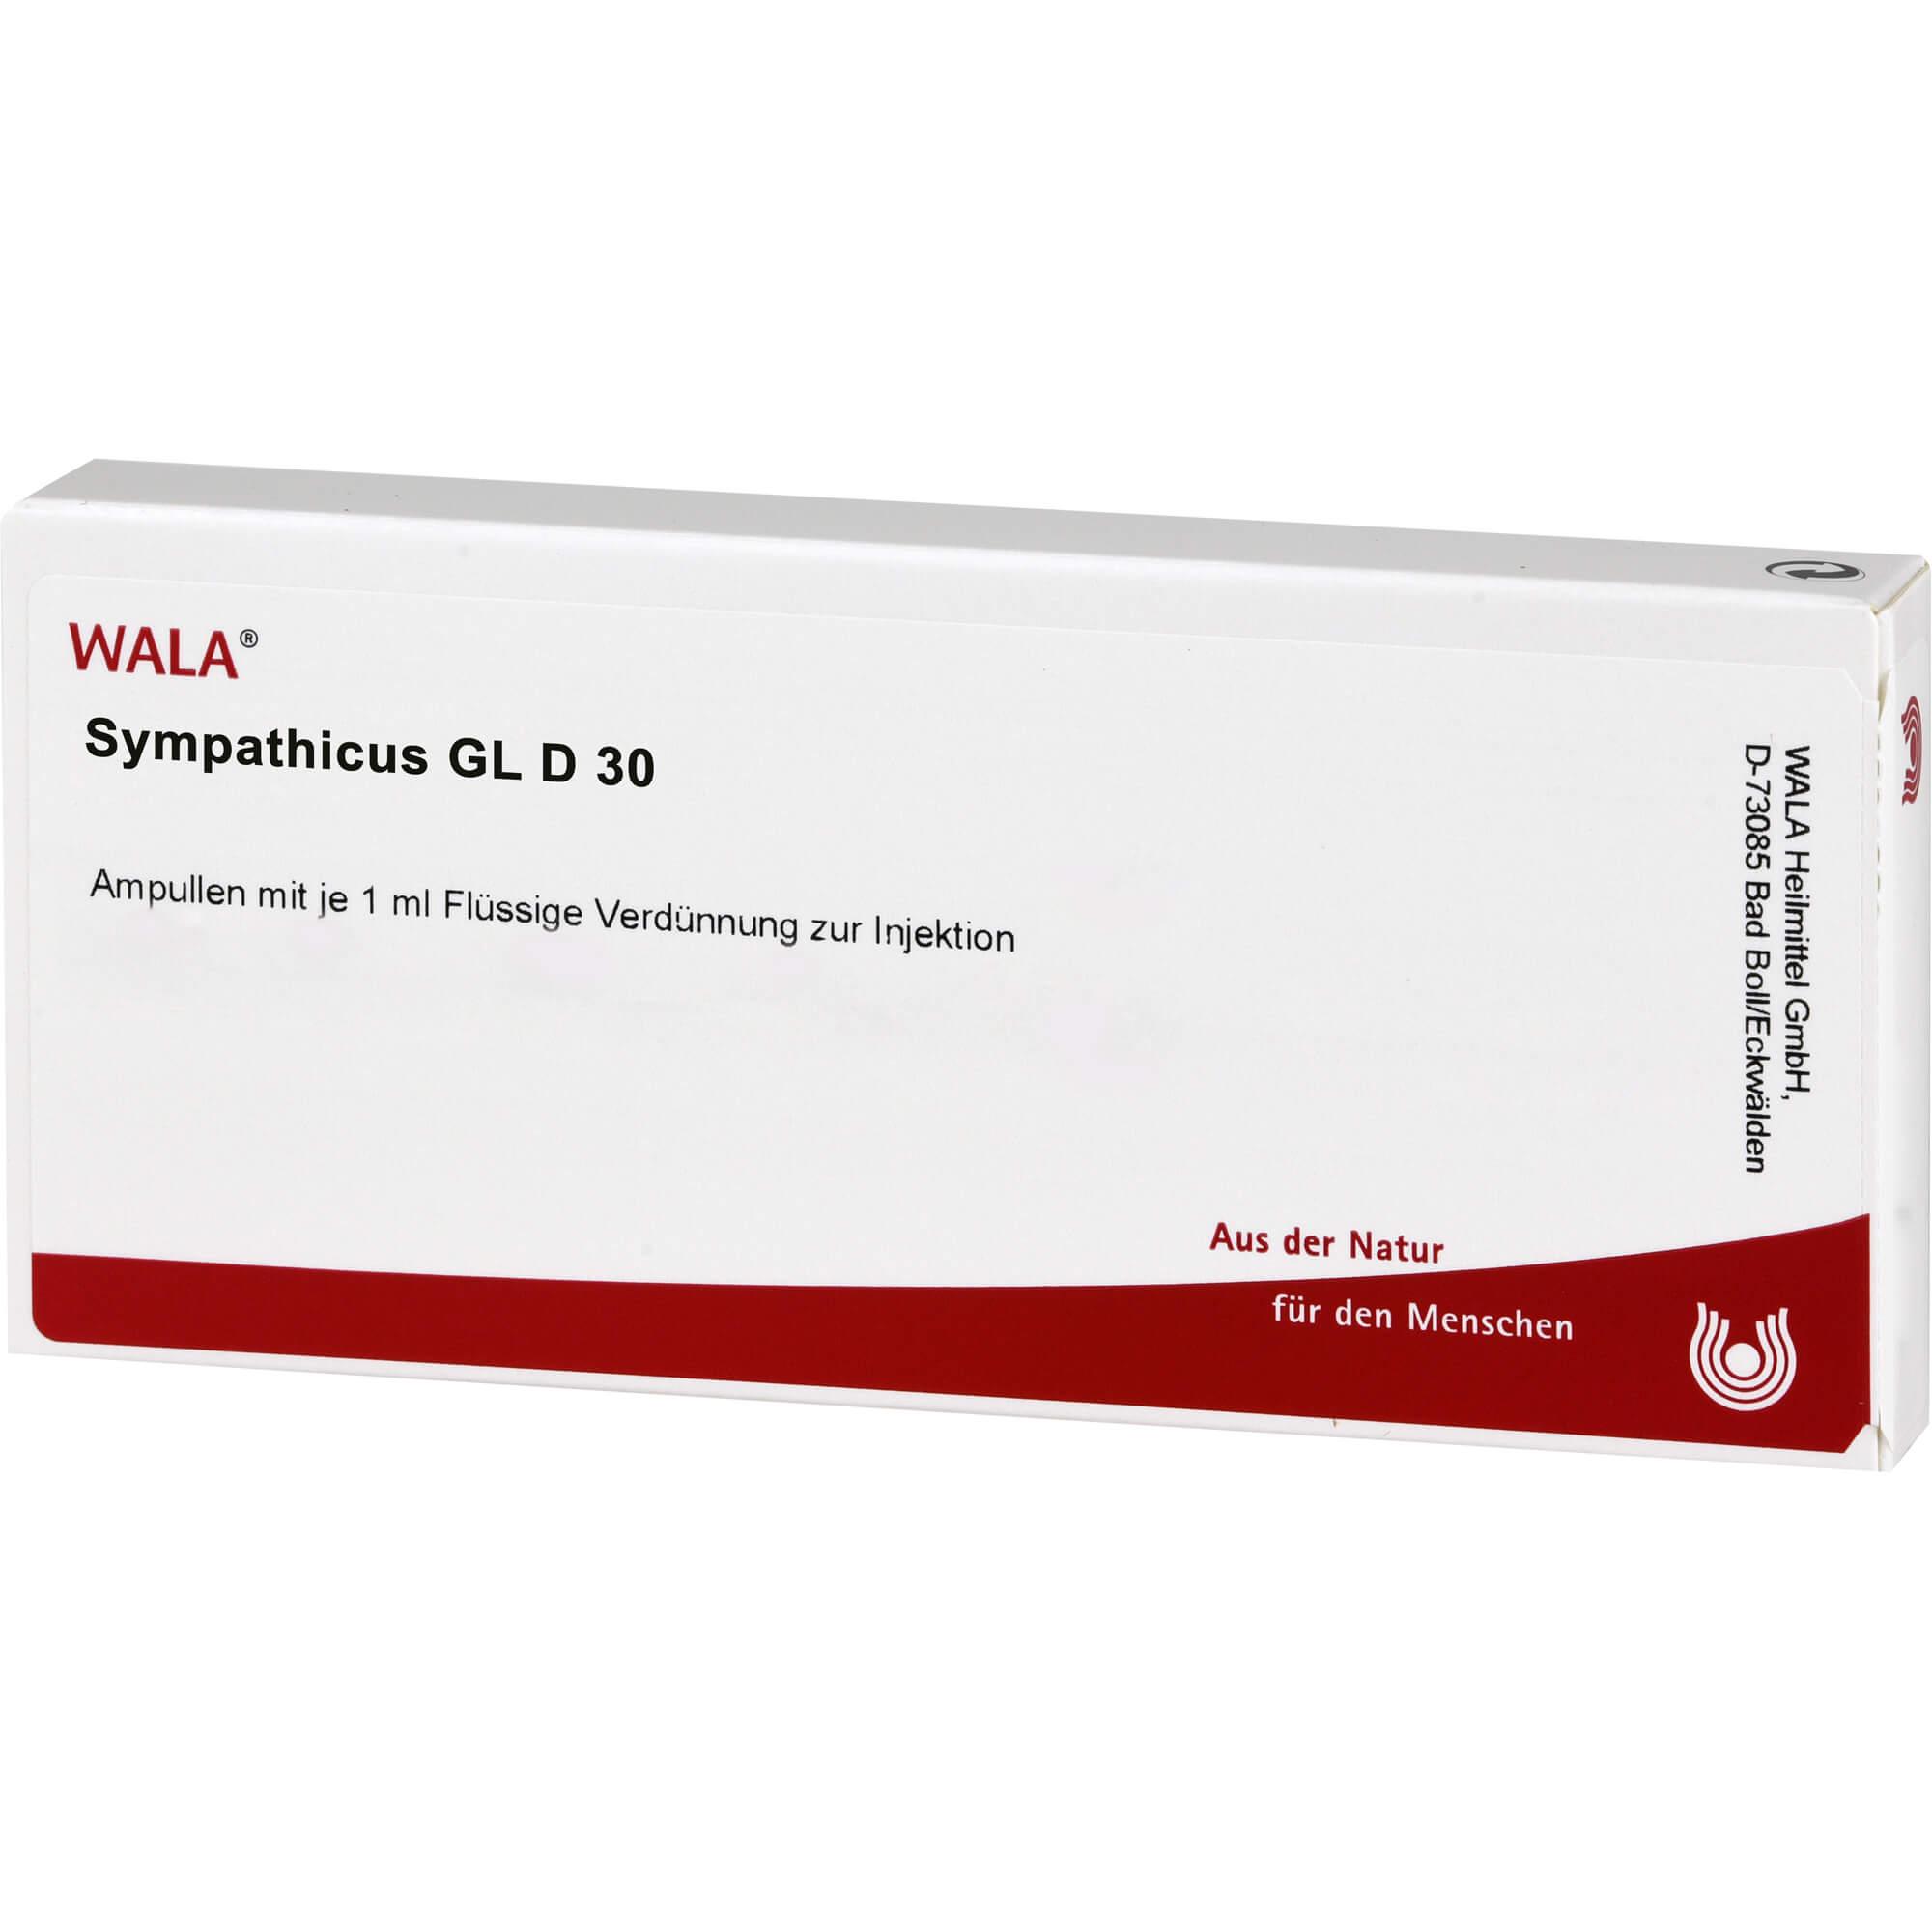 SYMPATHICUS GL D30